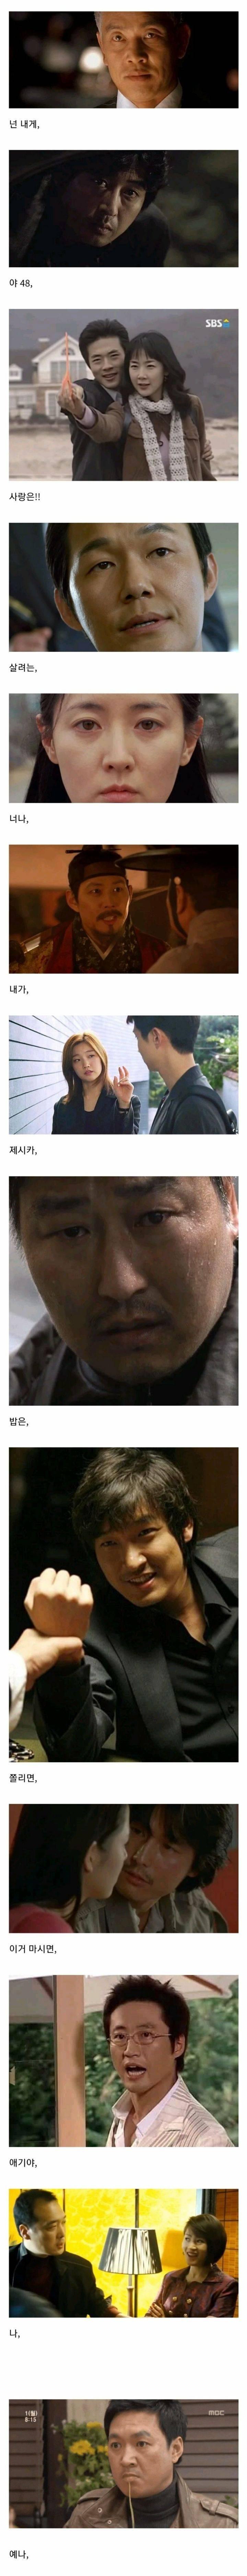 한국인이라면 자동완성 가능...jpg   인스티즈